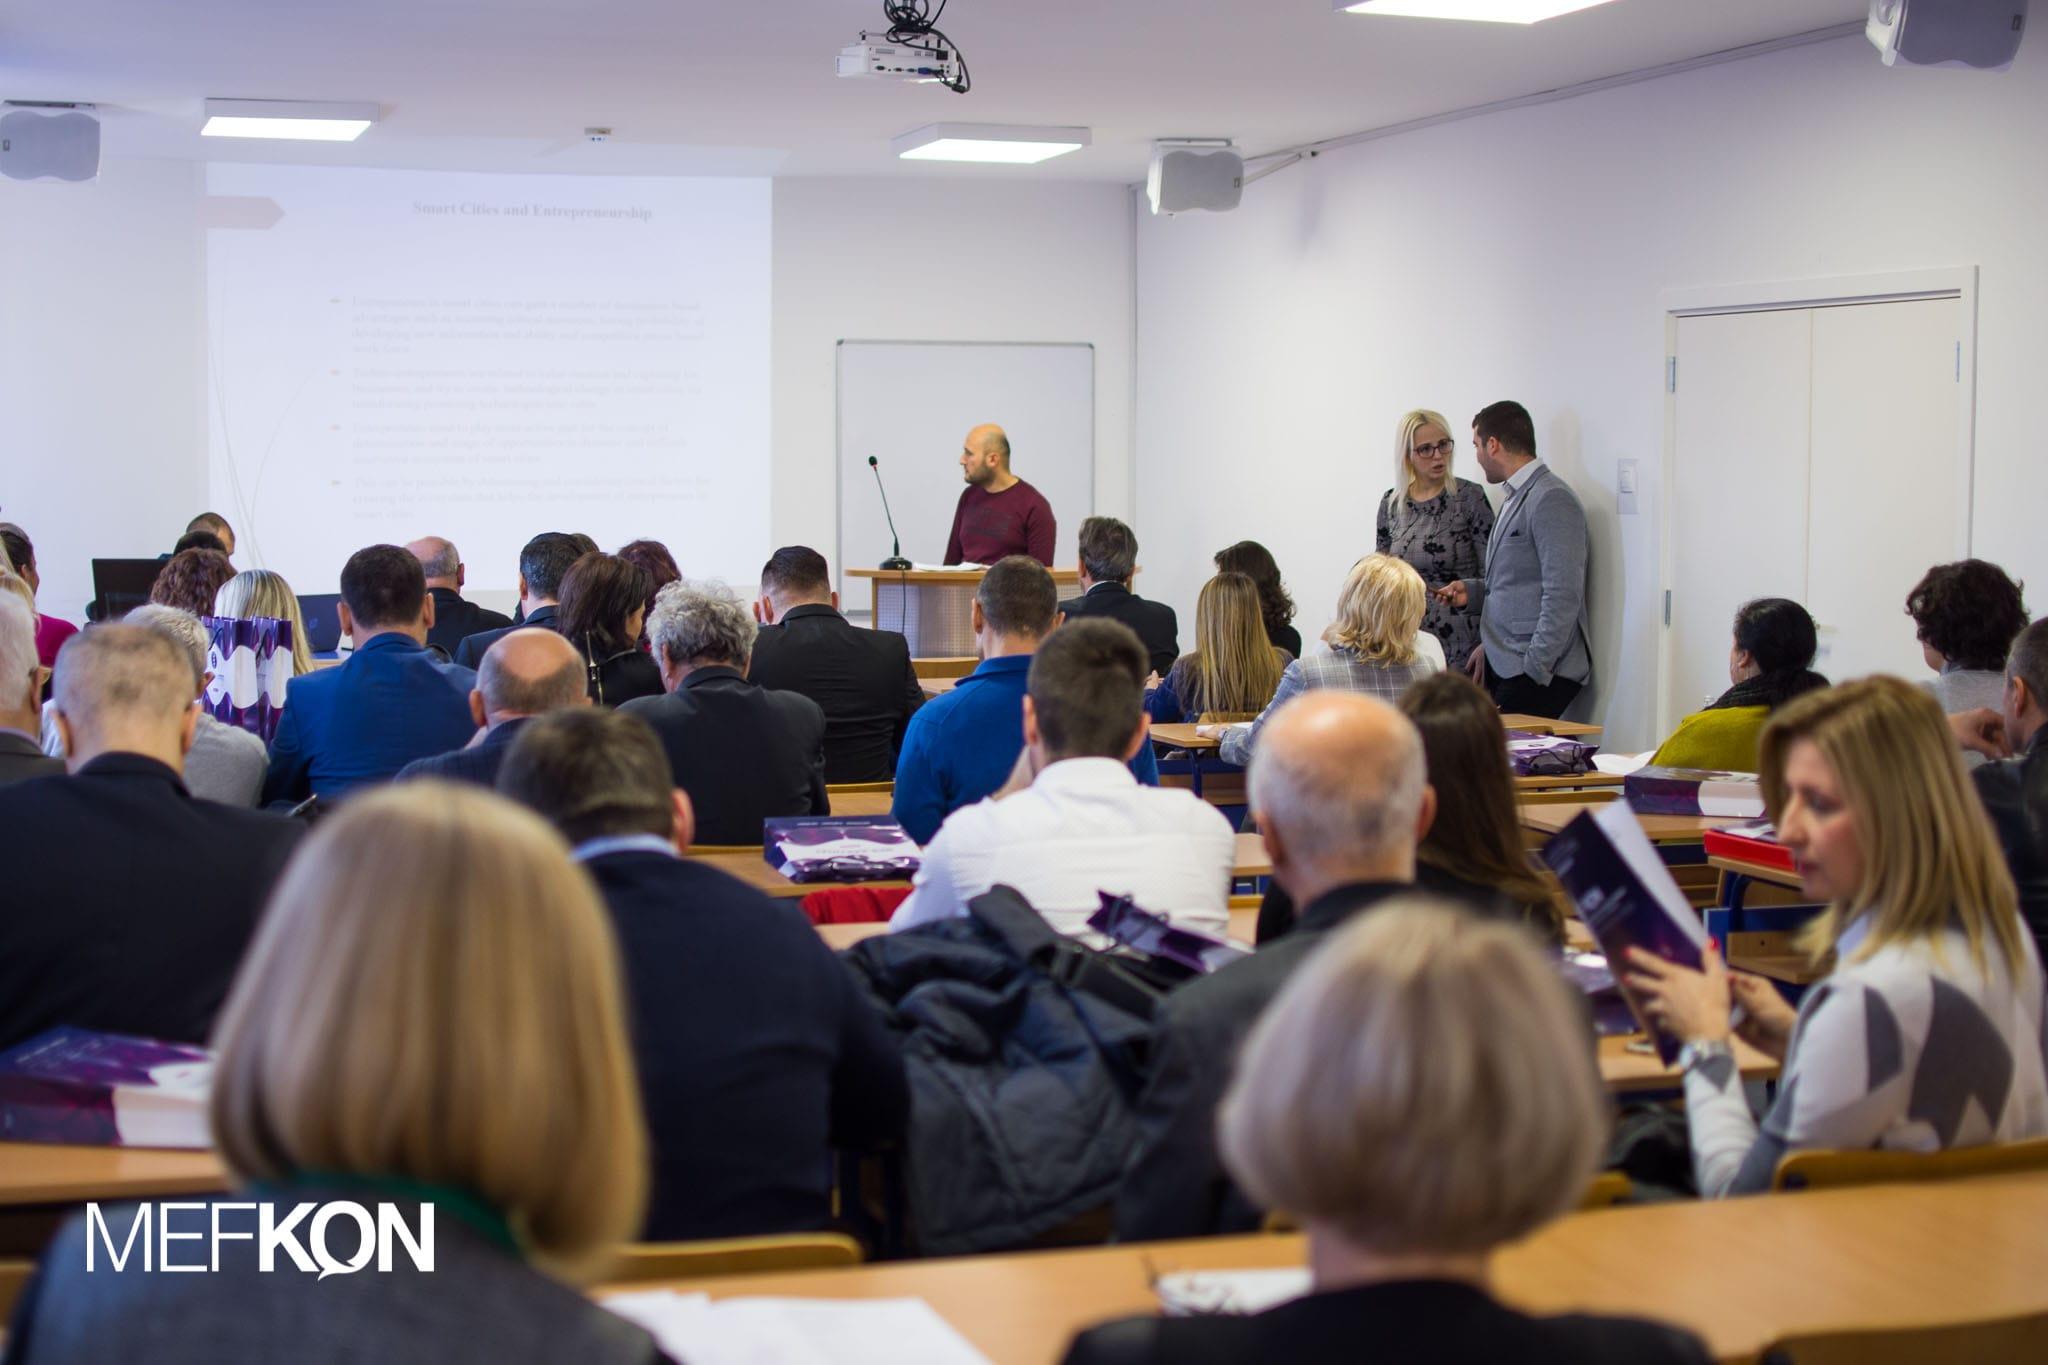 MEF Fakultet - izvestaj sa konferencije 2019 11